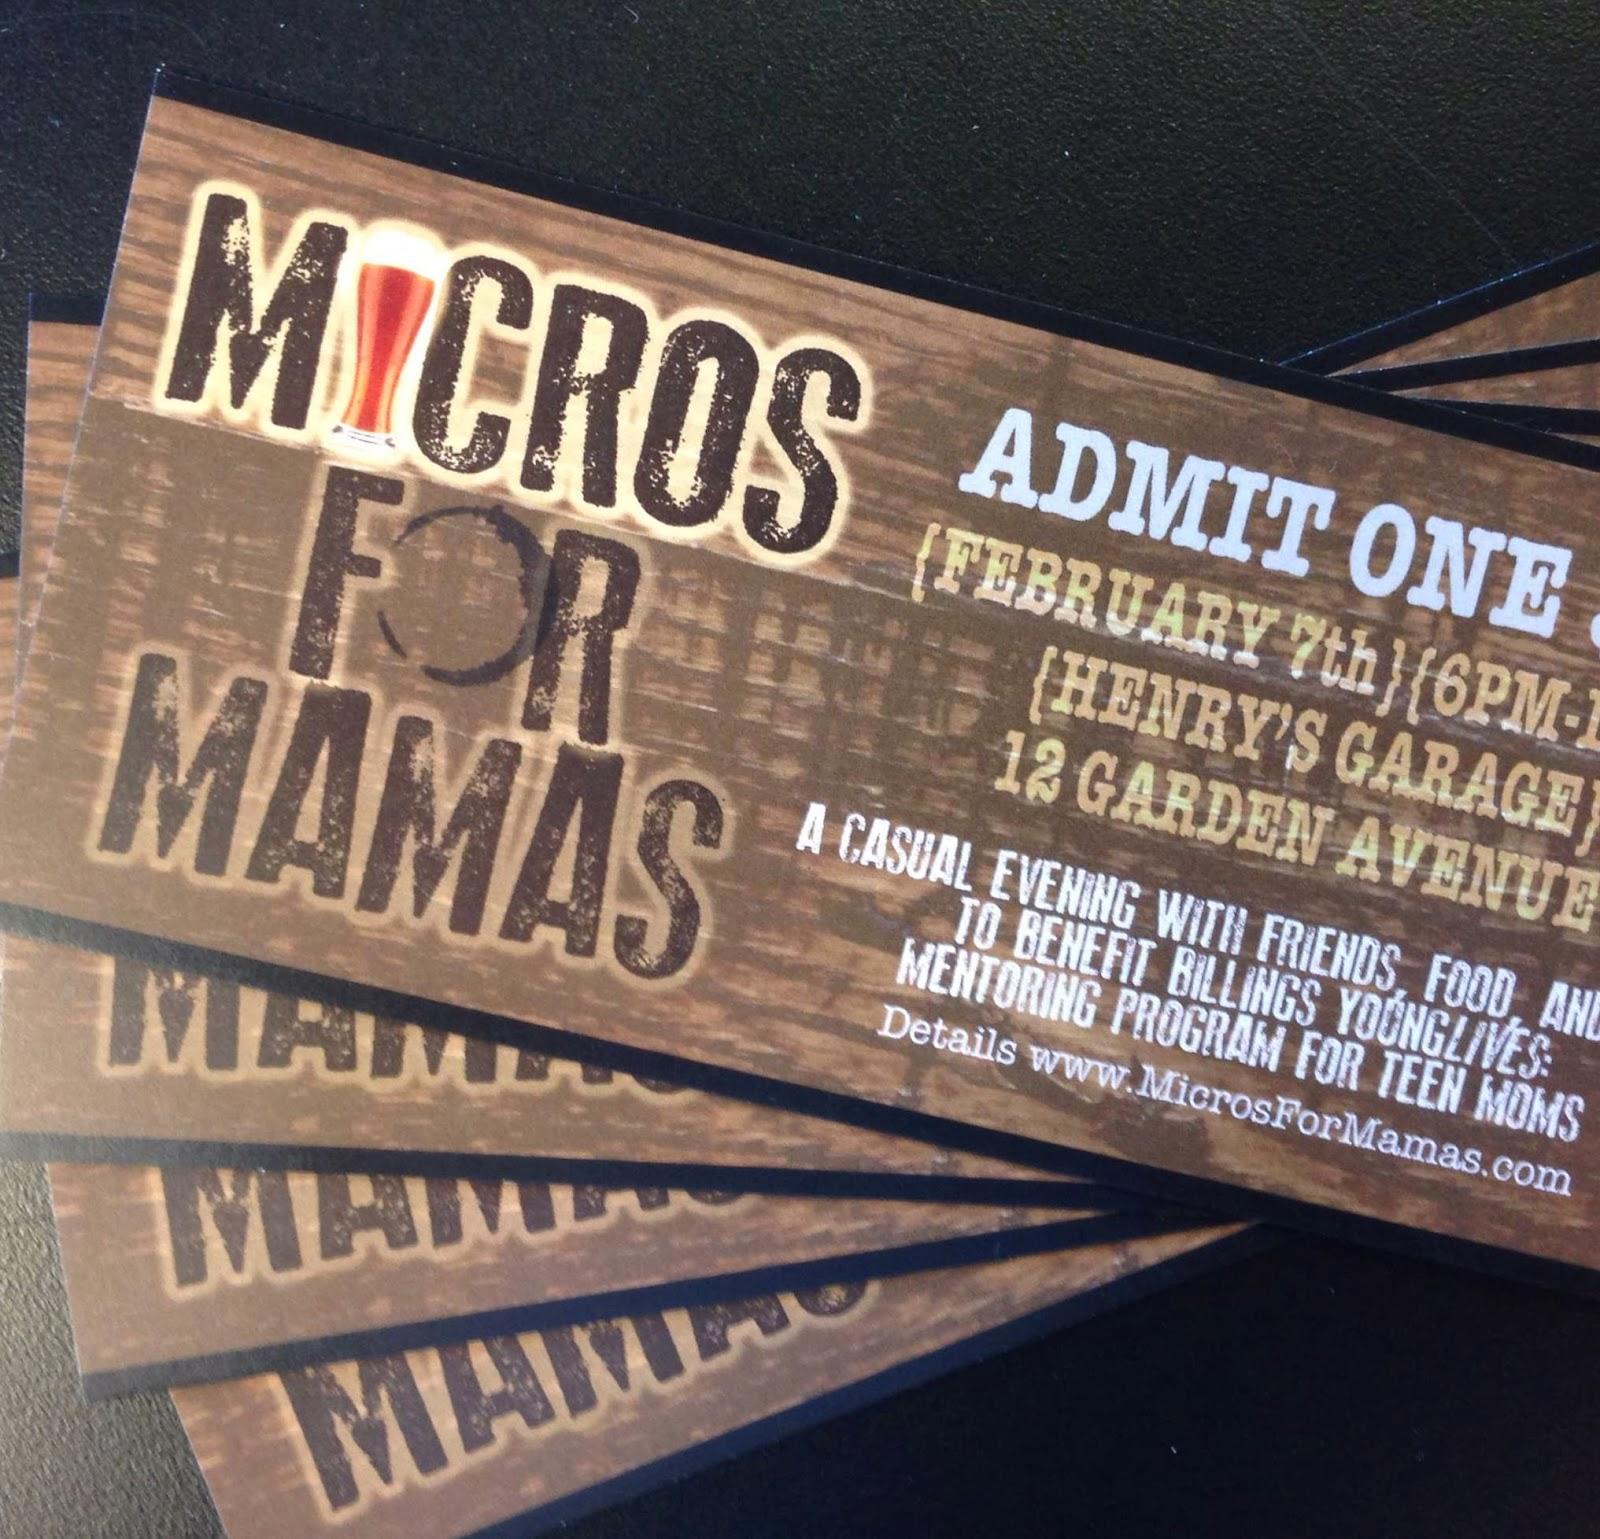 Micros for Mamas Billings